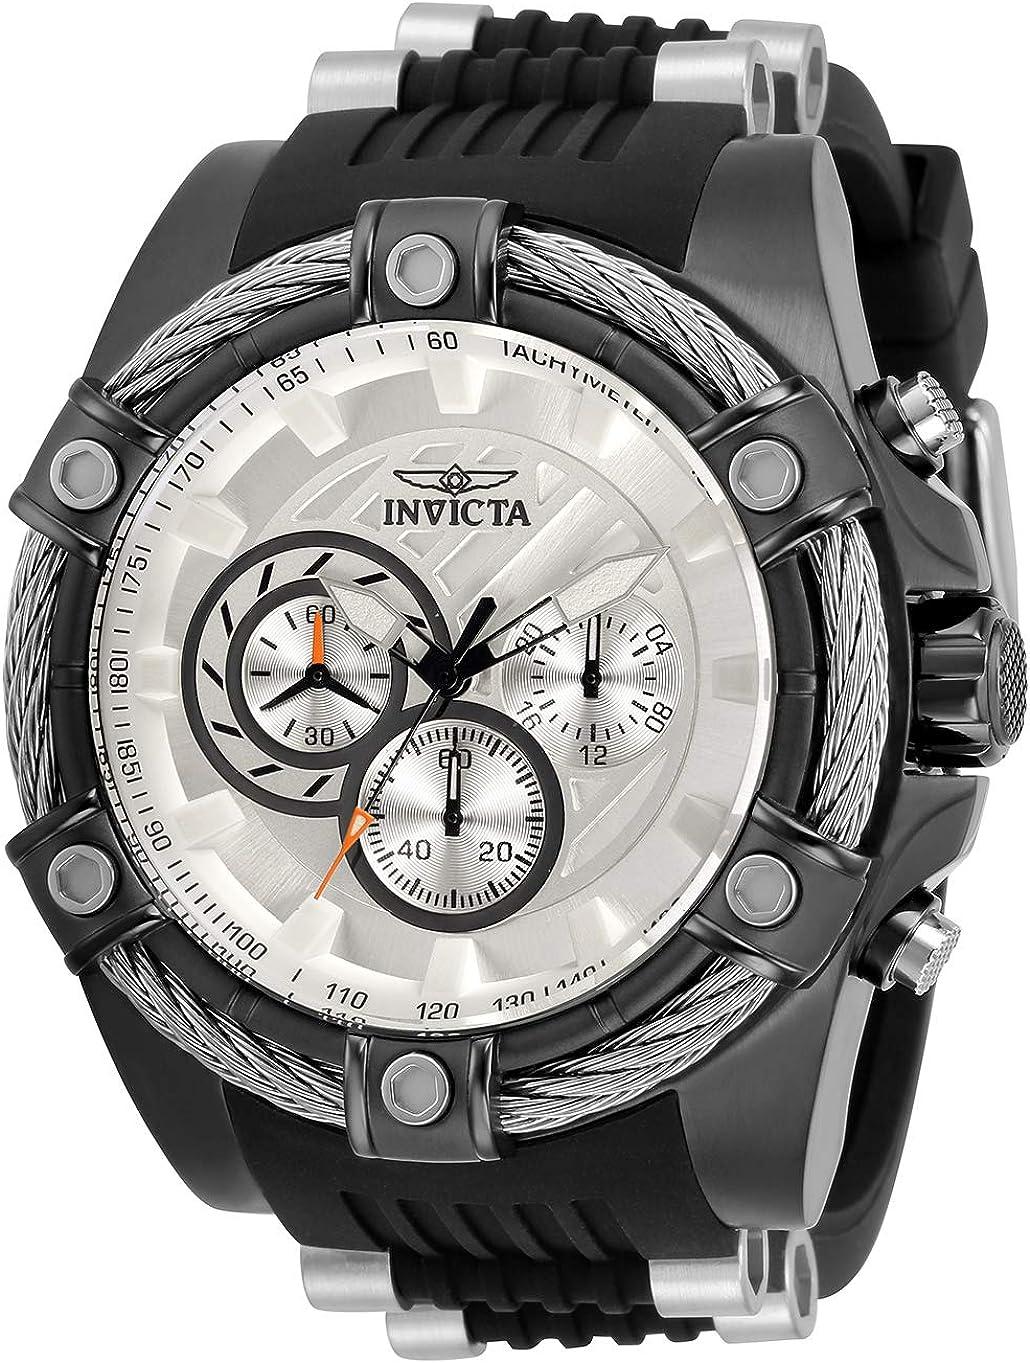 記念日 Invicta Men's Bolt デポー Japanese Quartz Silicone Stainles Watch with